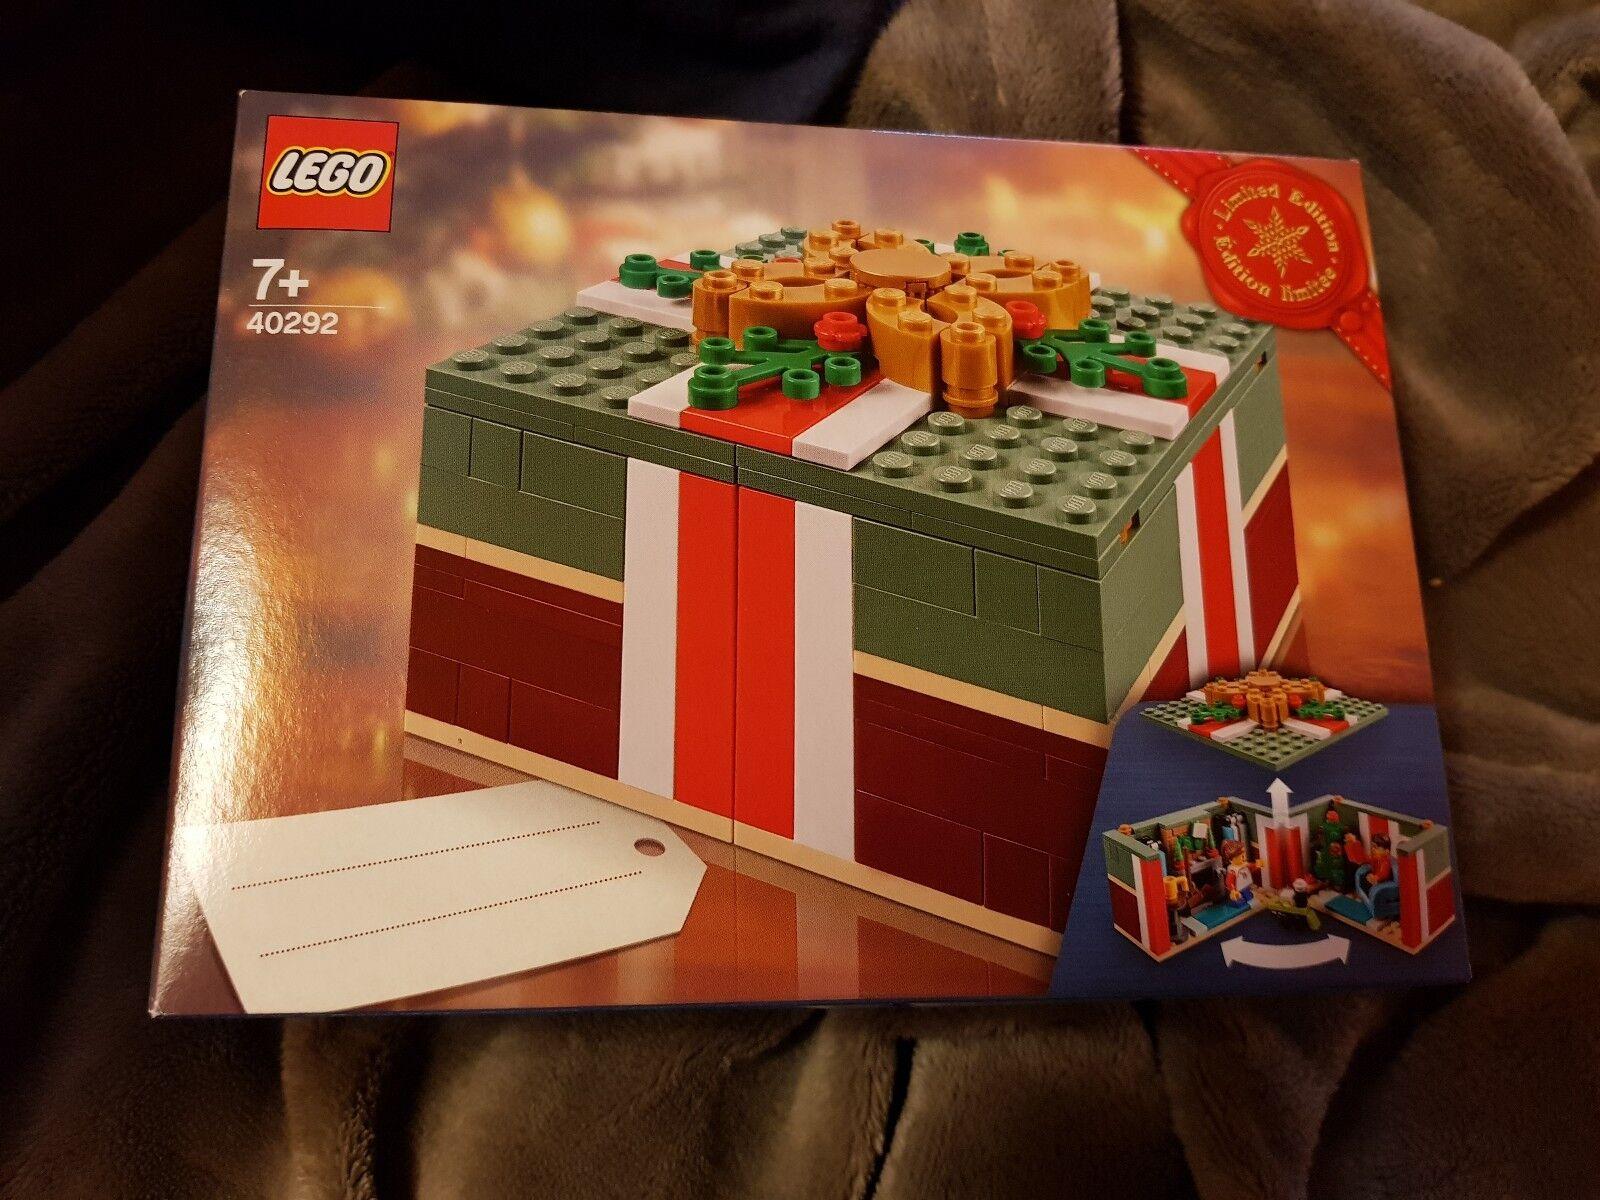 Lego 40292 Weihnachtsgeschenk Limited LE Limited Weihnachtsgeschenk Edition 39c312